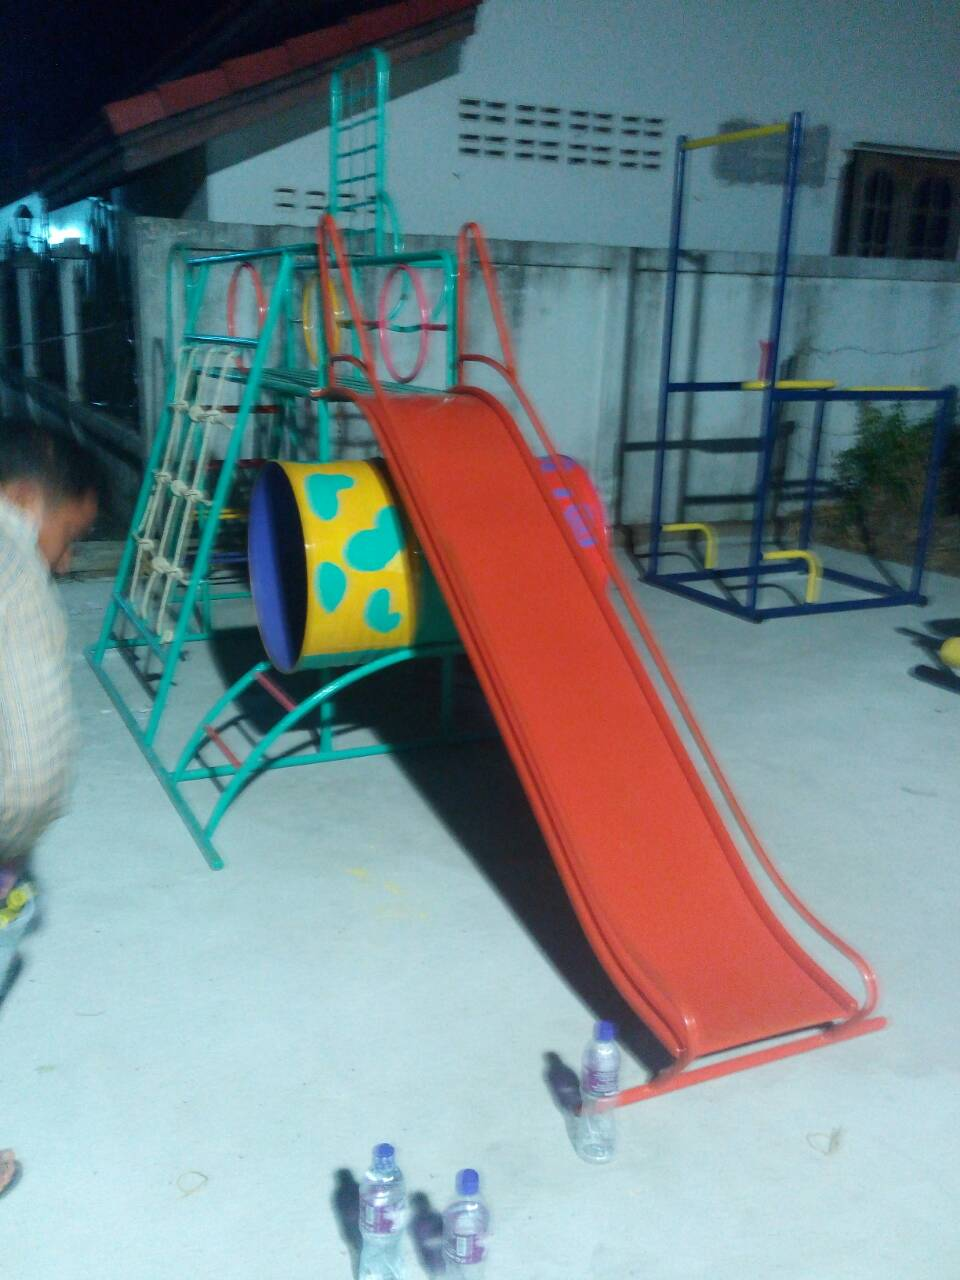 รหัส PG ผลงานติดตั้ง (อำเภอสำนารายณ์ จ.ลพบุรี) เครื่องเล่นสนามกลางแจ้งสำหรับเด็ก